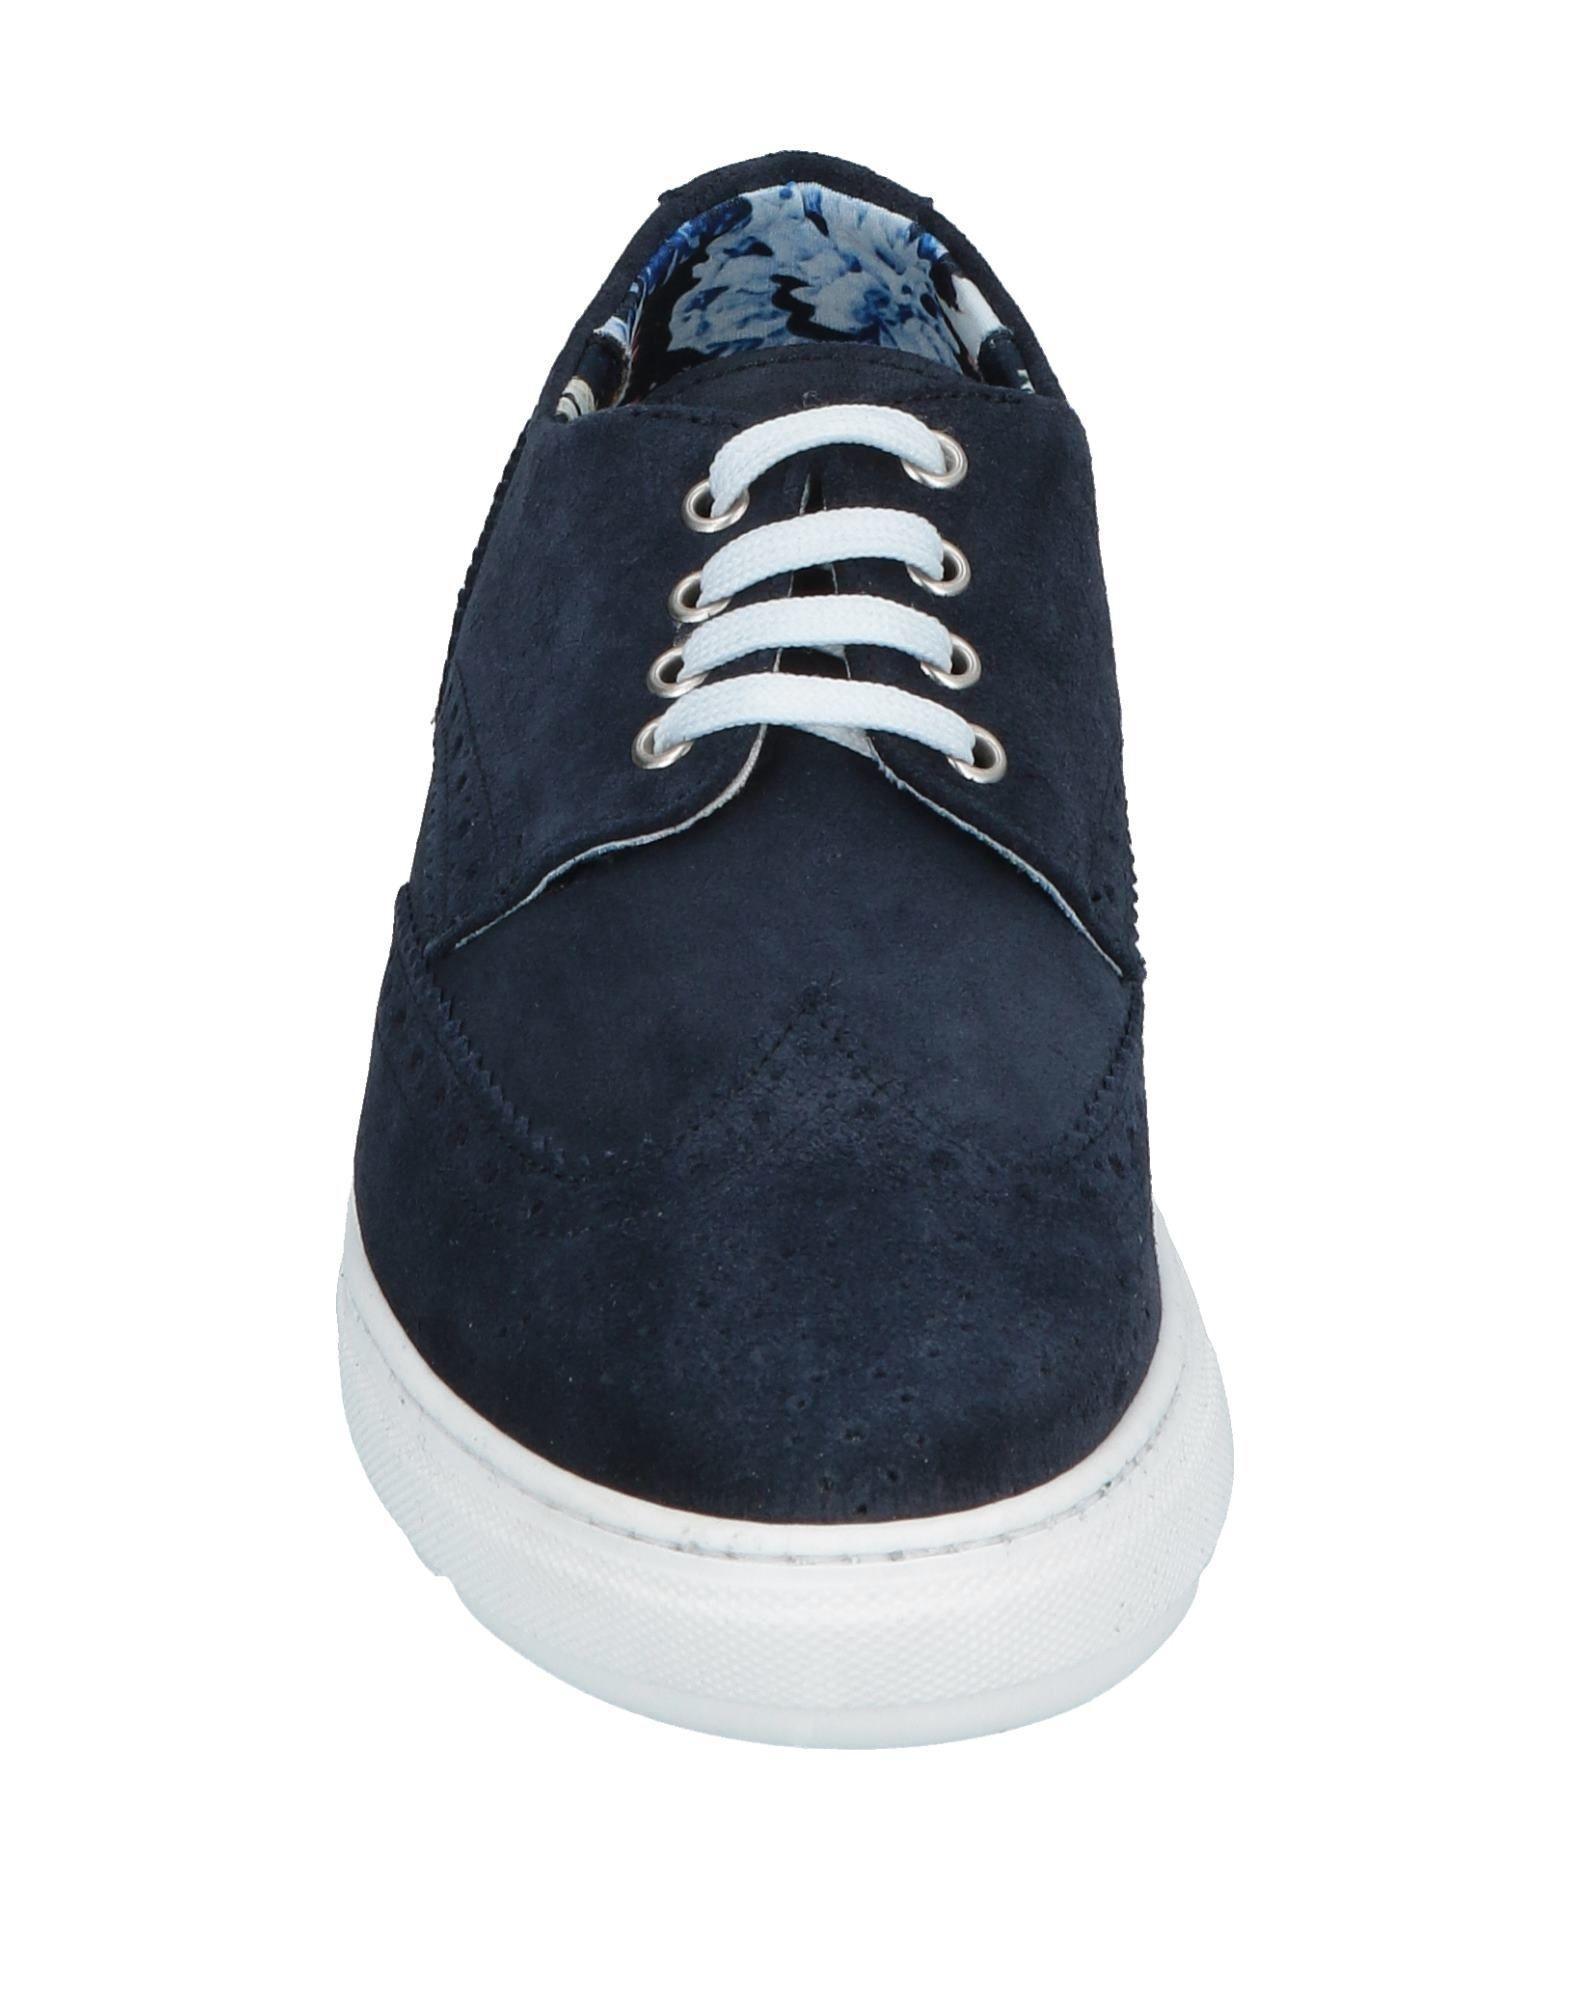 Chaussures à lacets Caoutchouc AT.P.CO pour homme en coloris Bleu